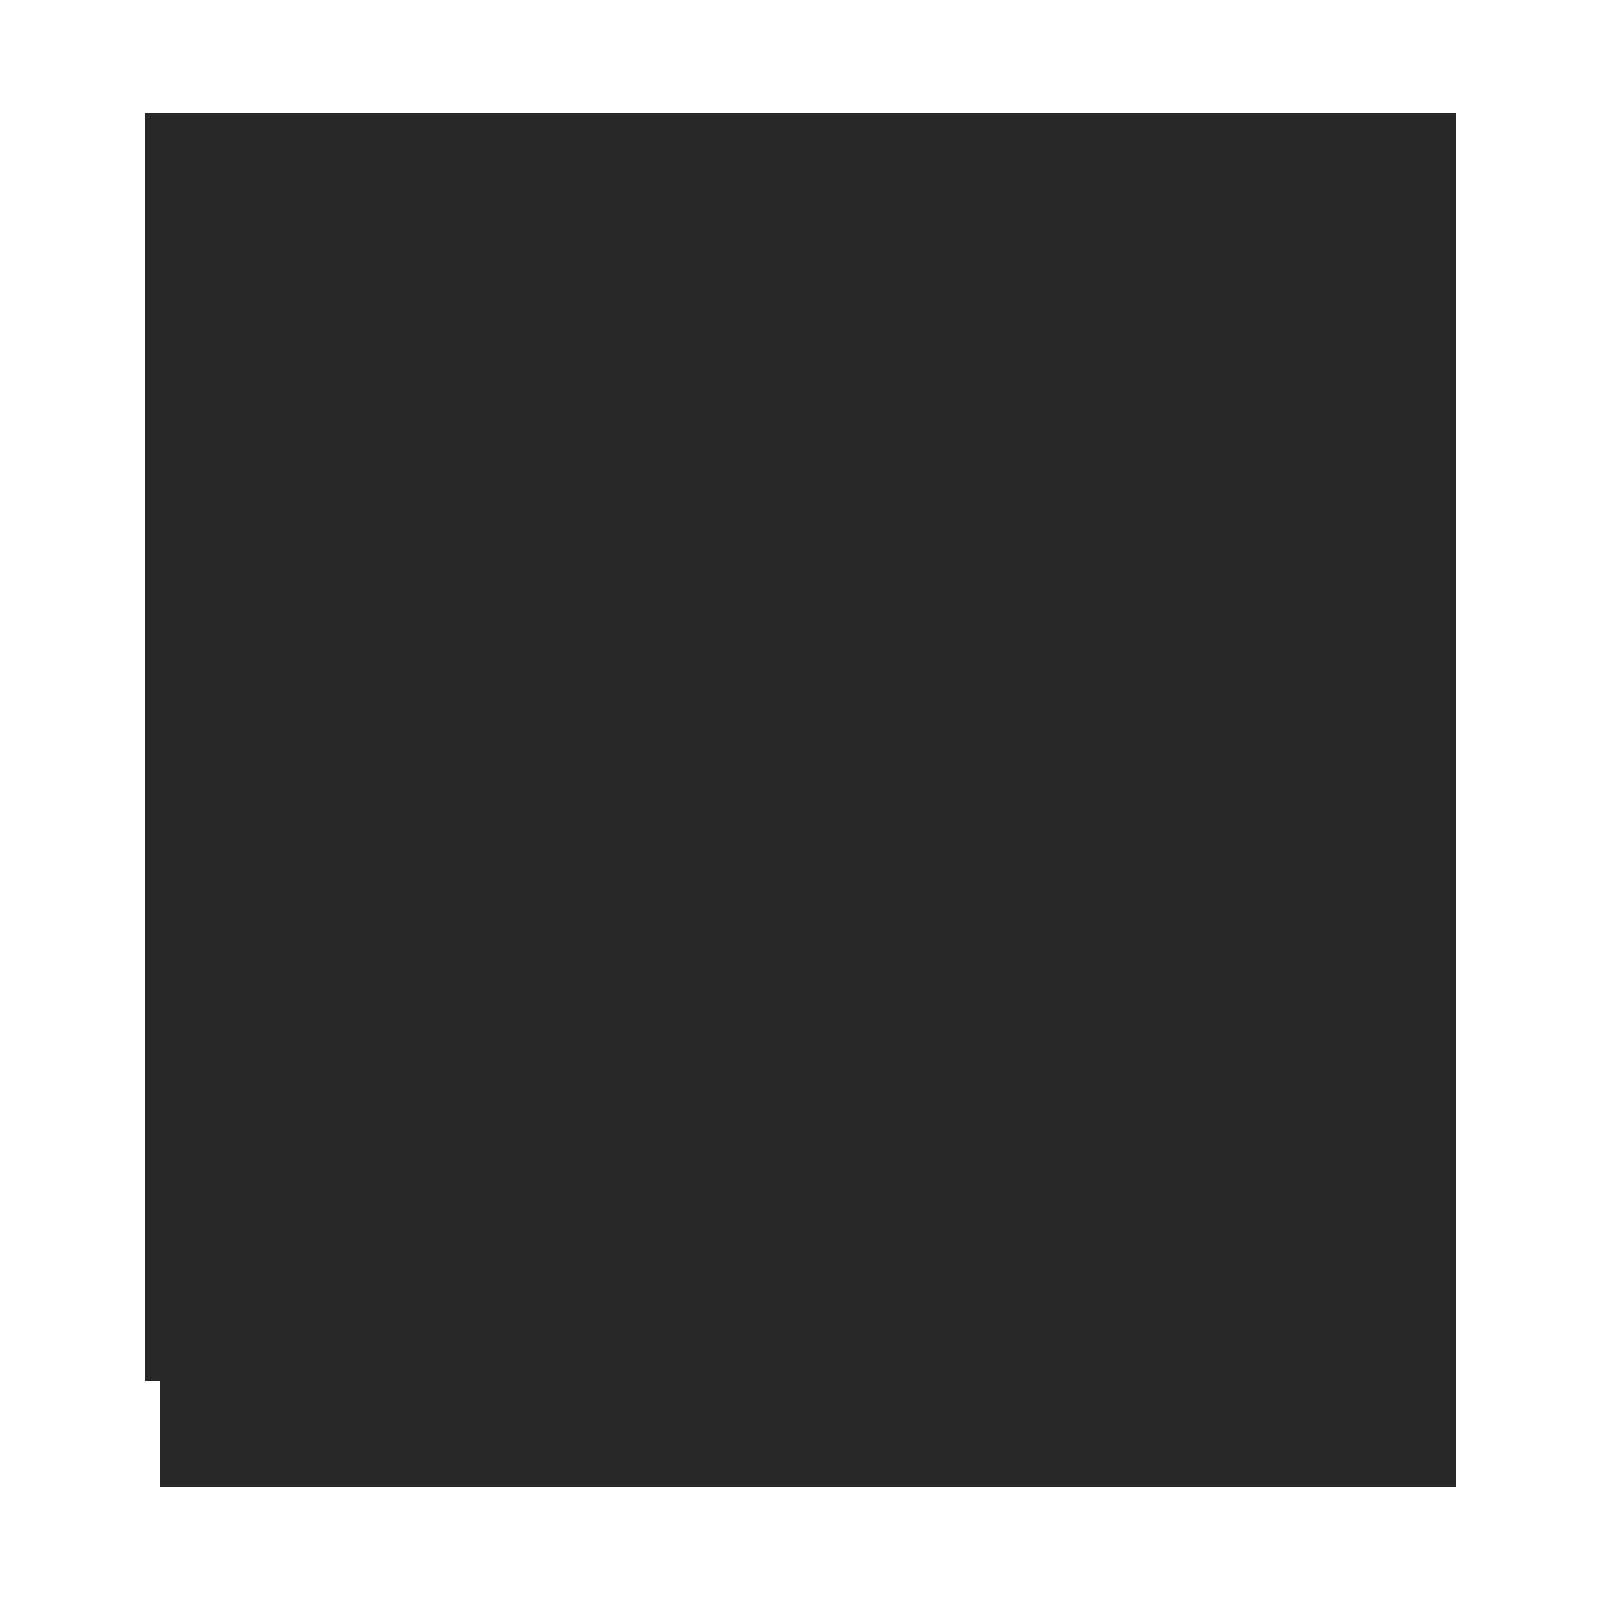 Получите документы издания ПублиЦентр на бумажном носителе.